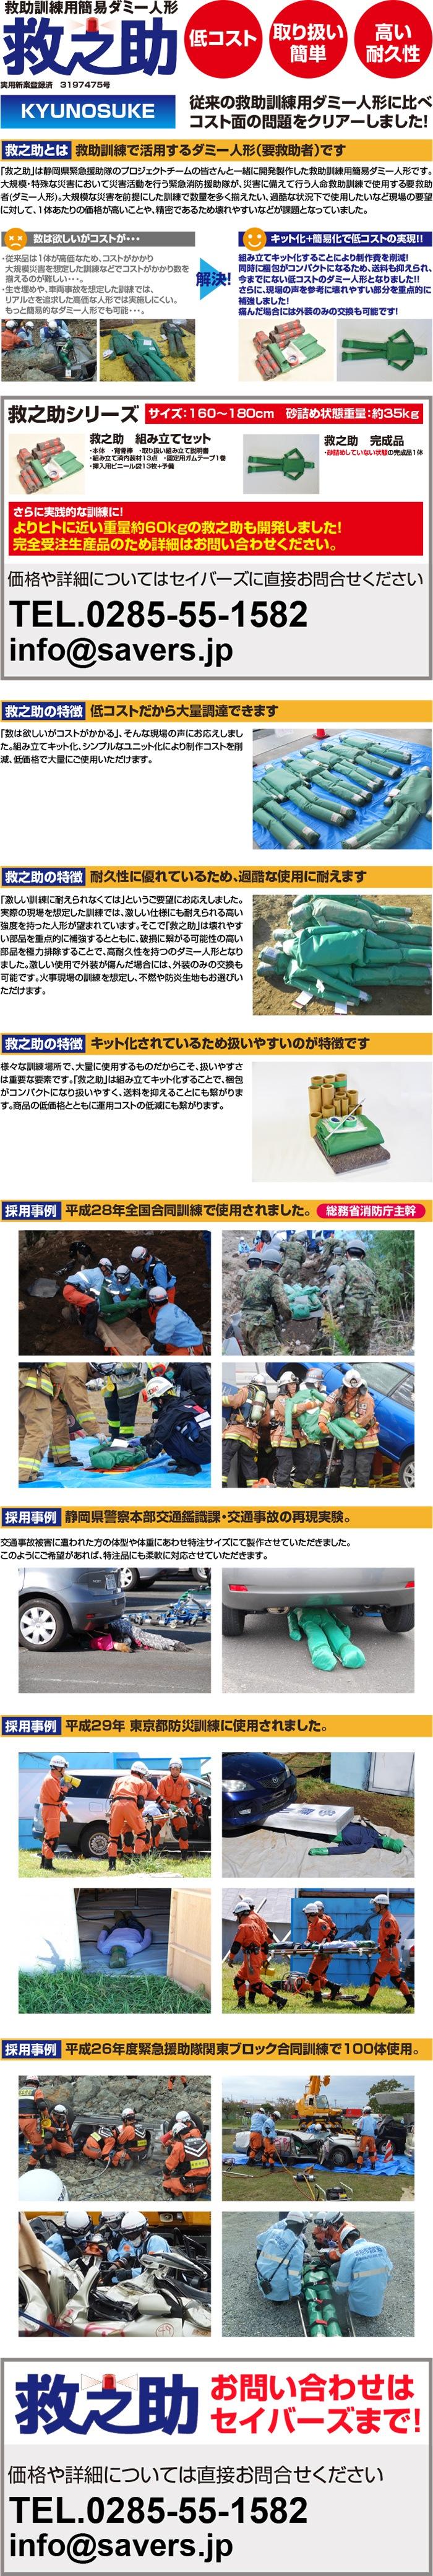 低コスト救助訓練用ダミー人形 救之助 セイバーズでの取扱スタート